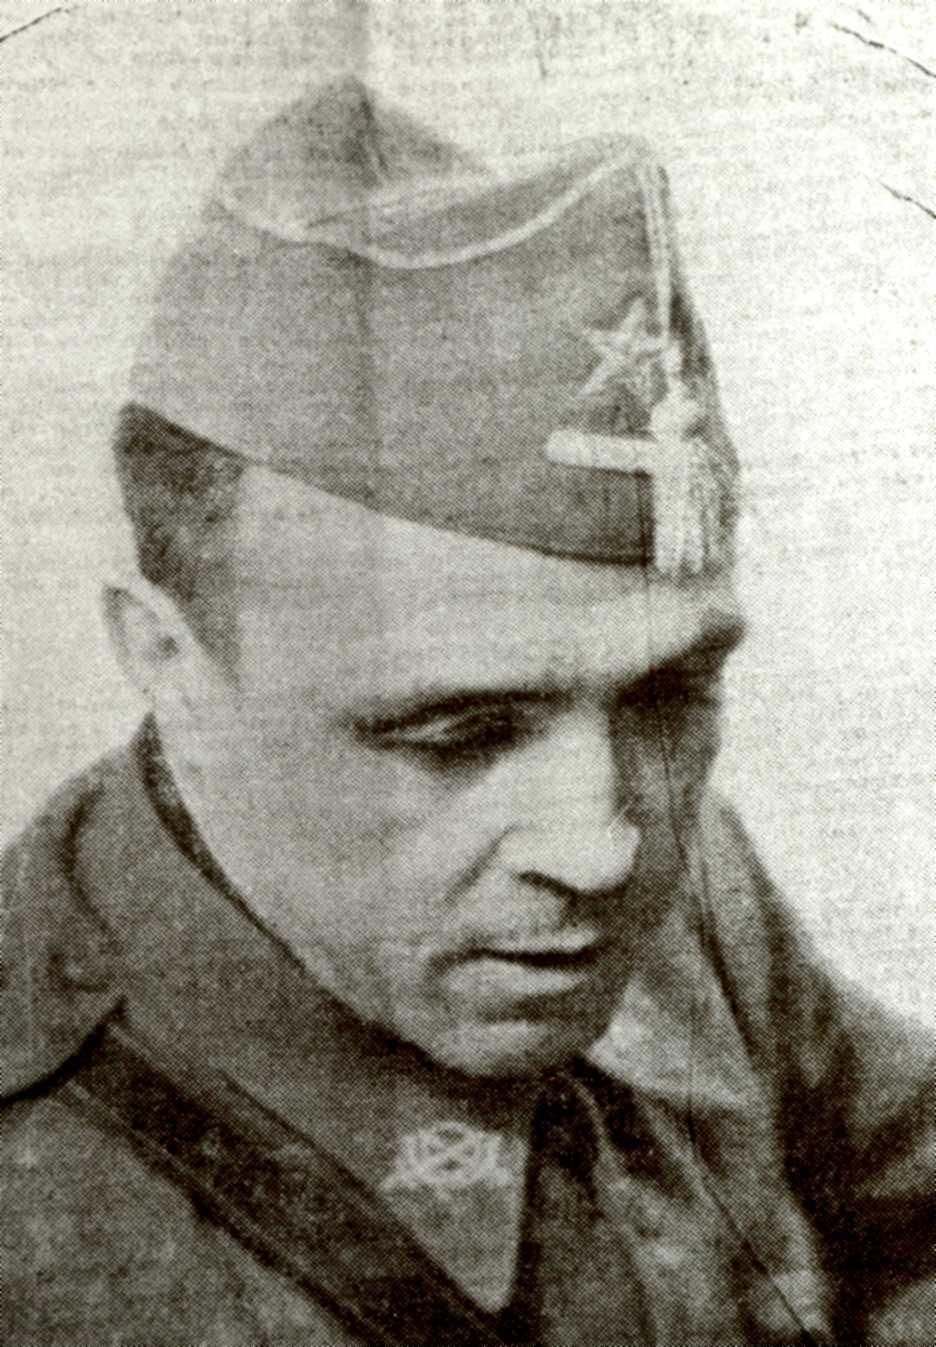 Gregorio Jover Cortés (1937)